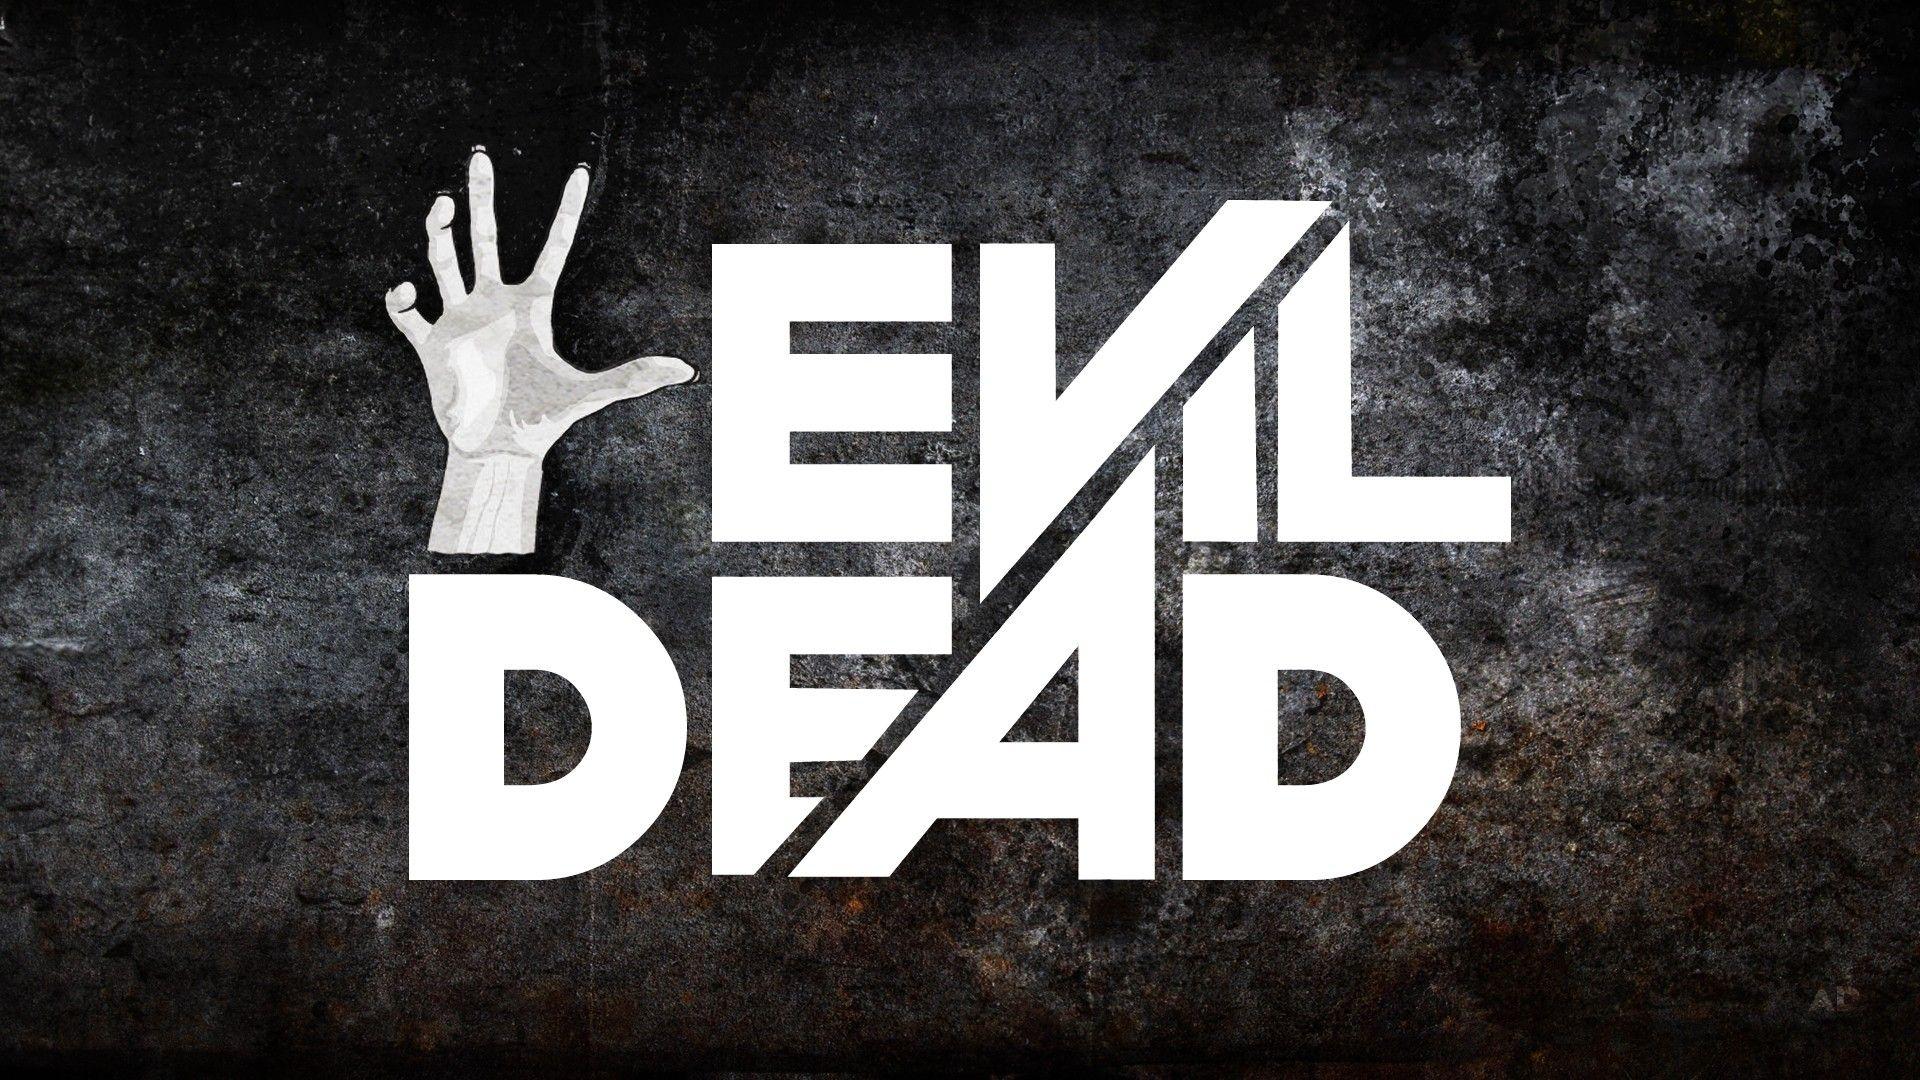 Evil Dead 2016 Wallpapers 1920x1080 - Wallpaper Cave